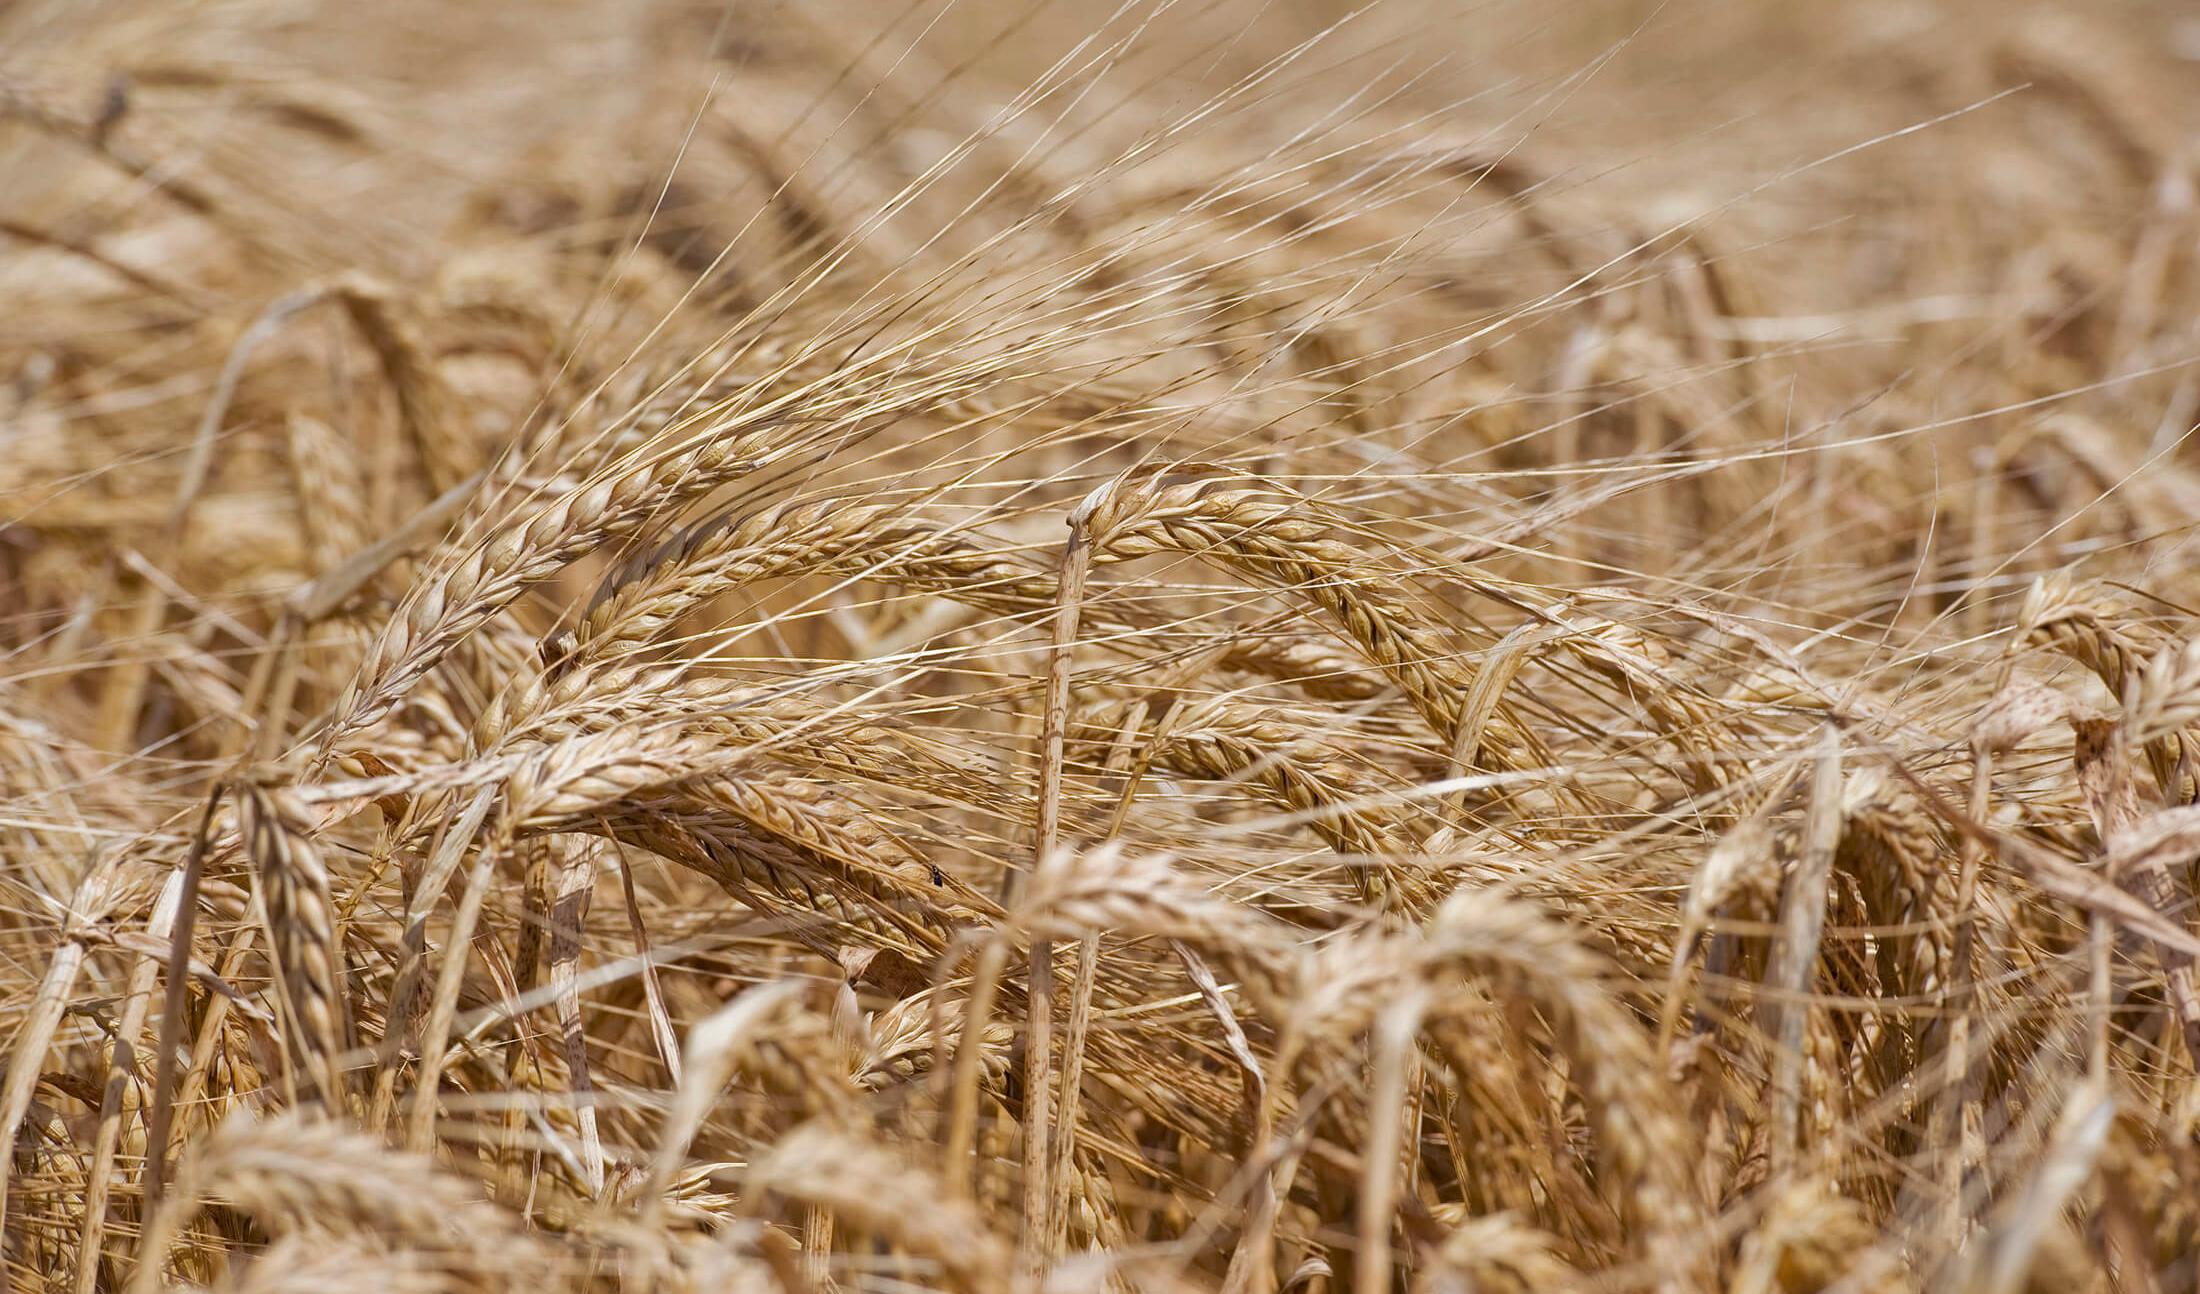 قیمت خرید تضمینی گندم حداقل به ۴۸۰۰ تومان افزایش مییابد/ شورای خرید تضمینی محصولات کشاورزی در حال تشکیل است